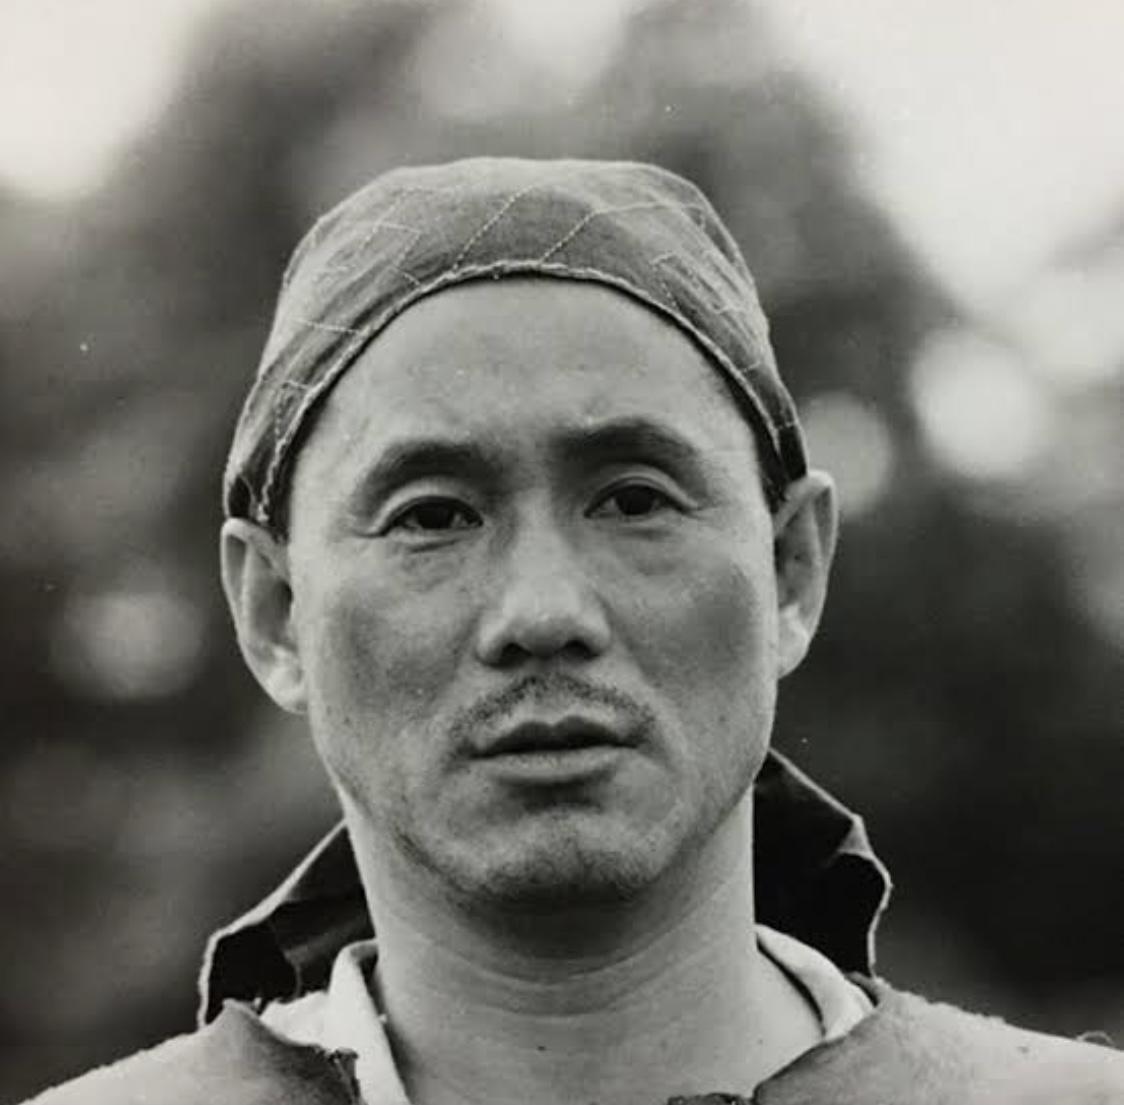 Takeshi Kitano in Hoshi wo tsugu mono (1990)